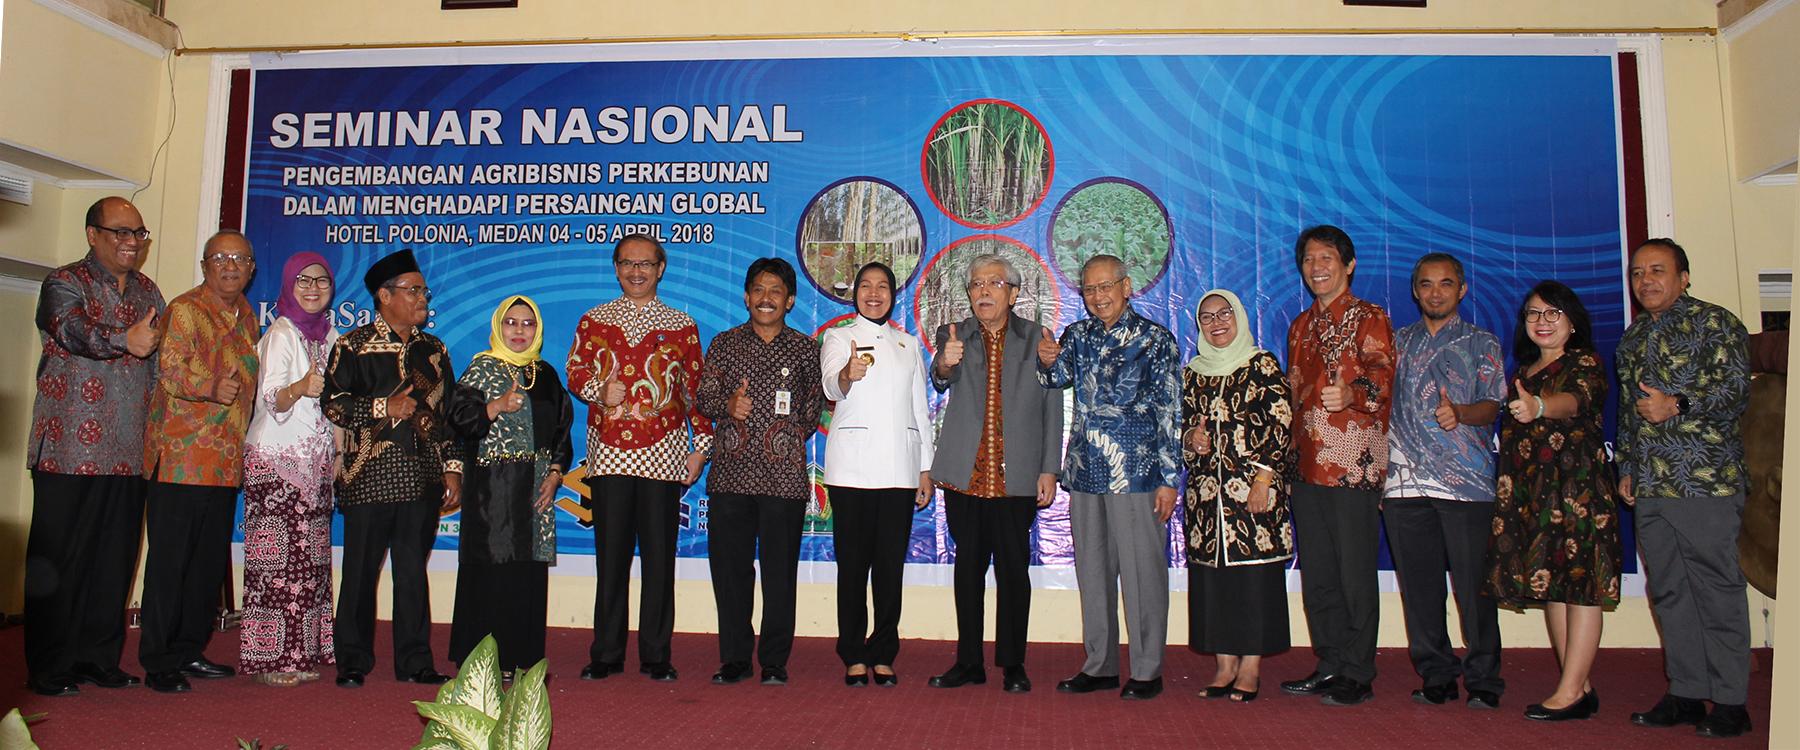 Seminar Nasional Pengembangan Agribisnis Perkebunan Dalam Menghadapi Persaingan Global